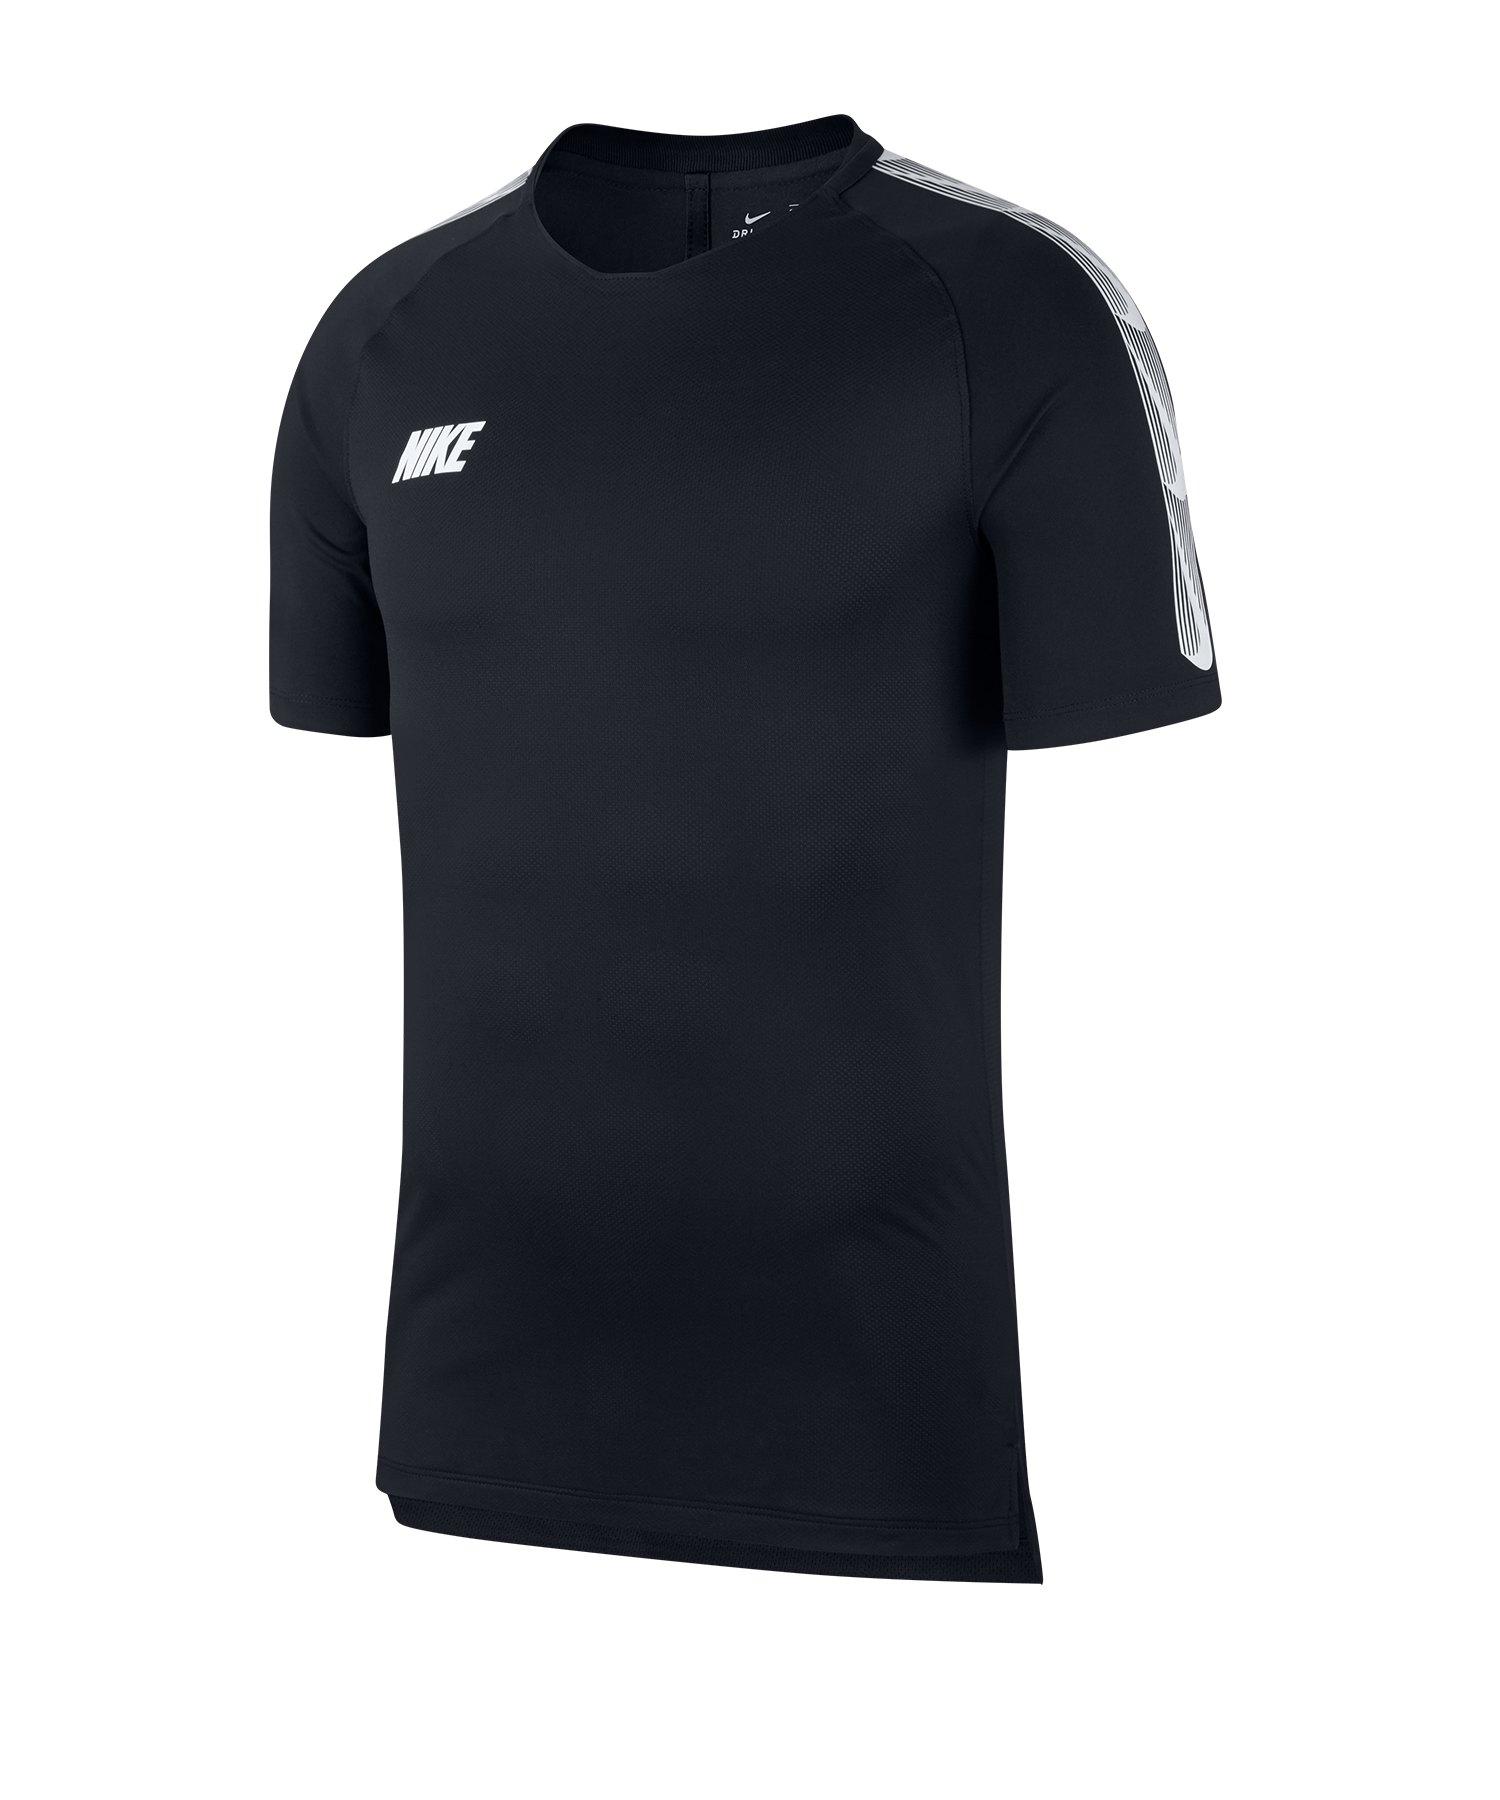 Nike Dry Squad Breathe T-Shirt Schwarz Weiss F011 - schwarz